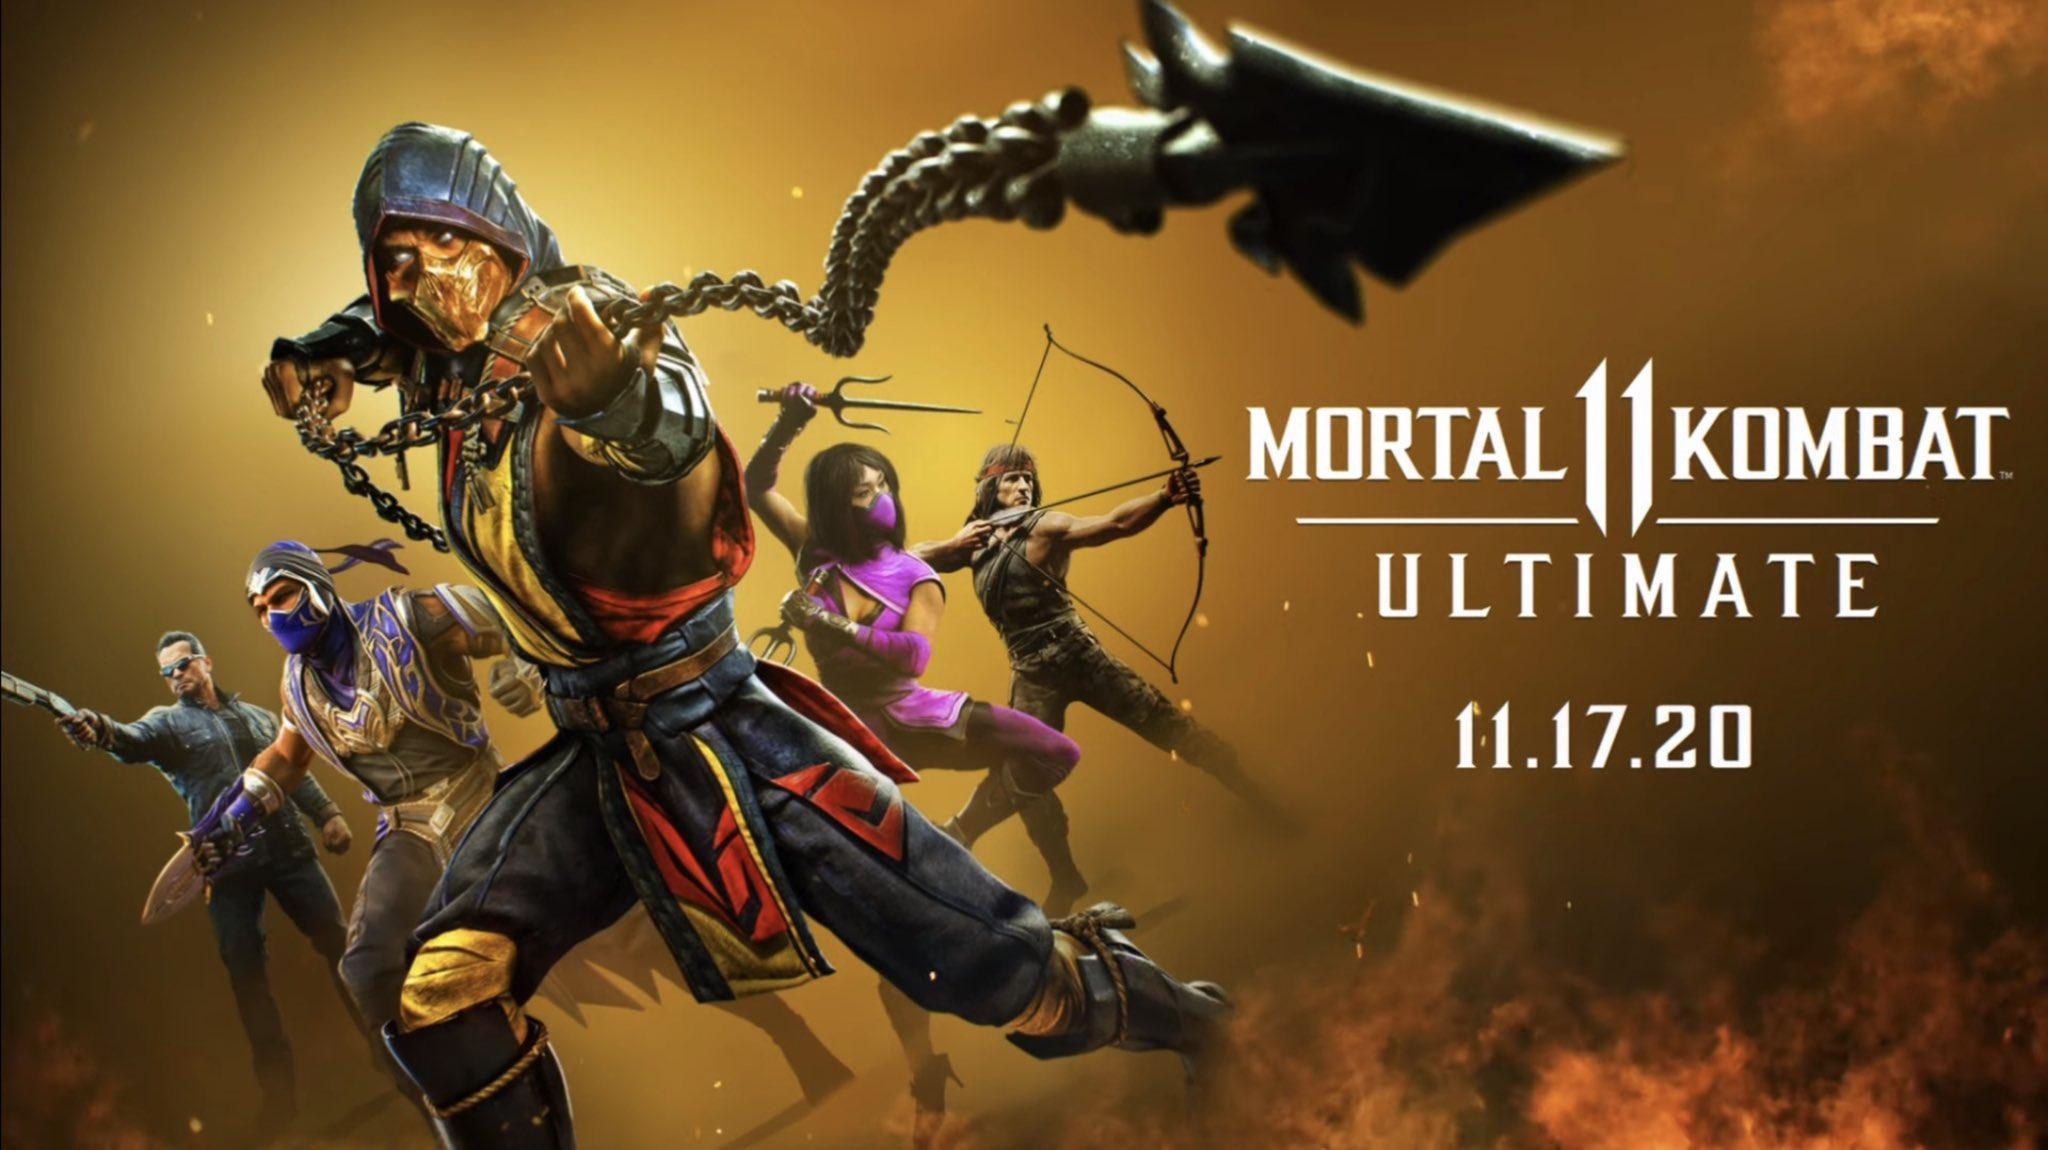 Милина, Рейн и Рэмбо - WB Games анонсировали Mortal Kombat 11 Ultimate 98